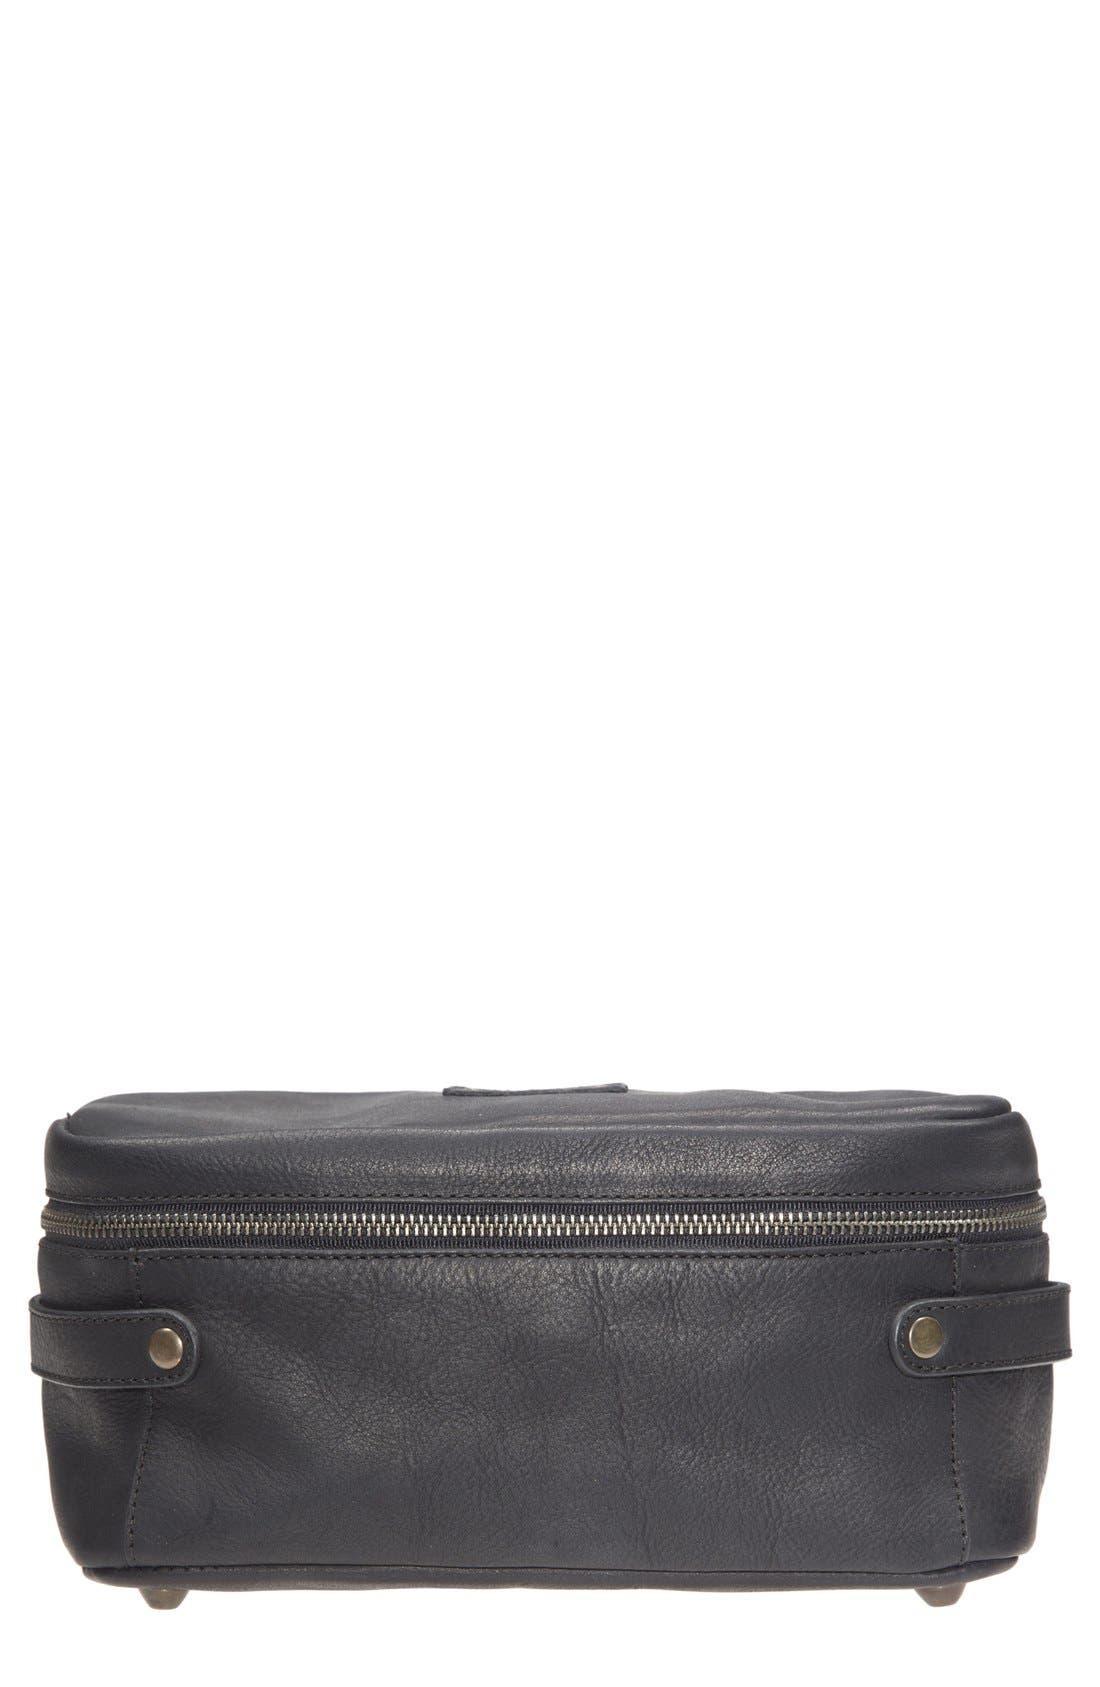 'Desmond' Travel Kit,                         Main,                         color, 001